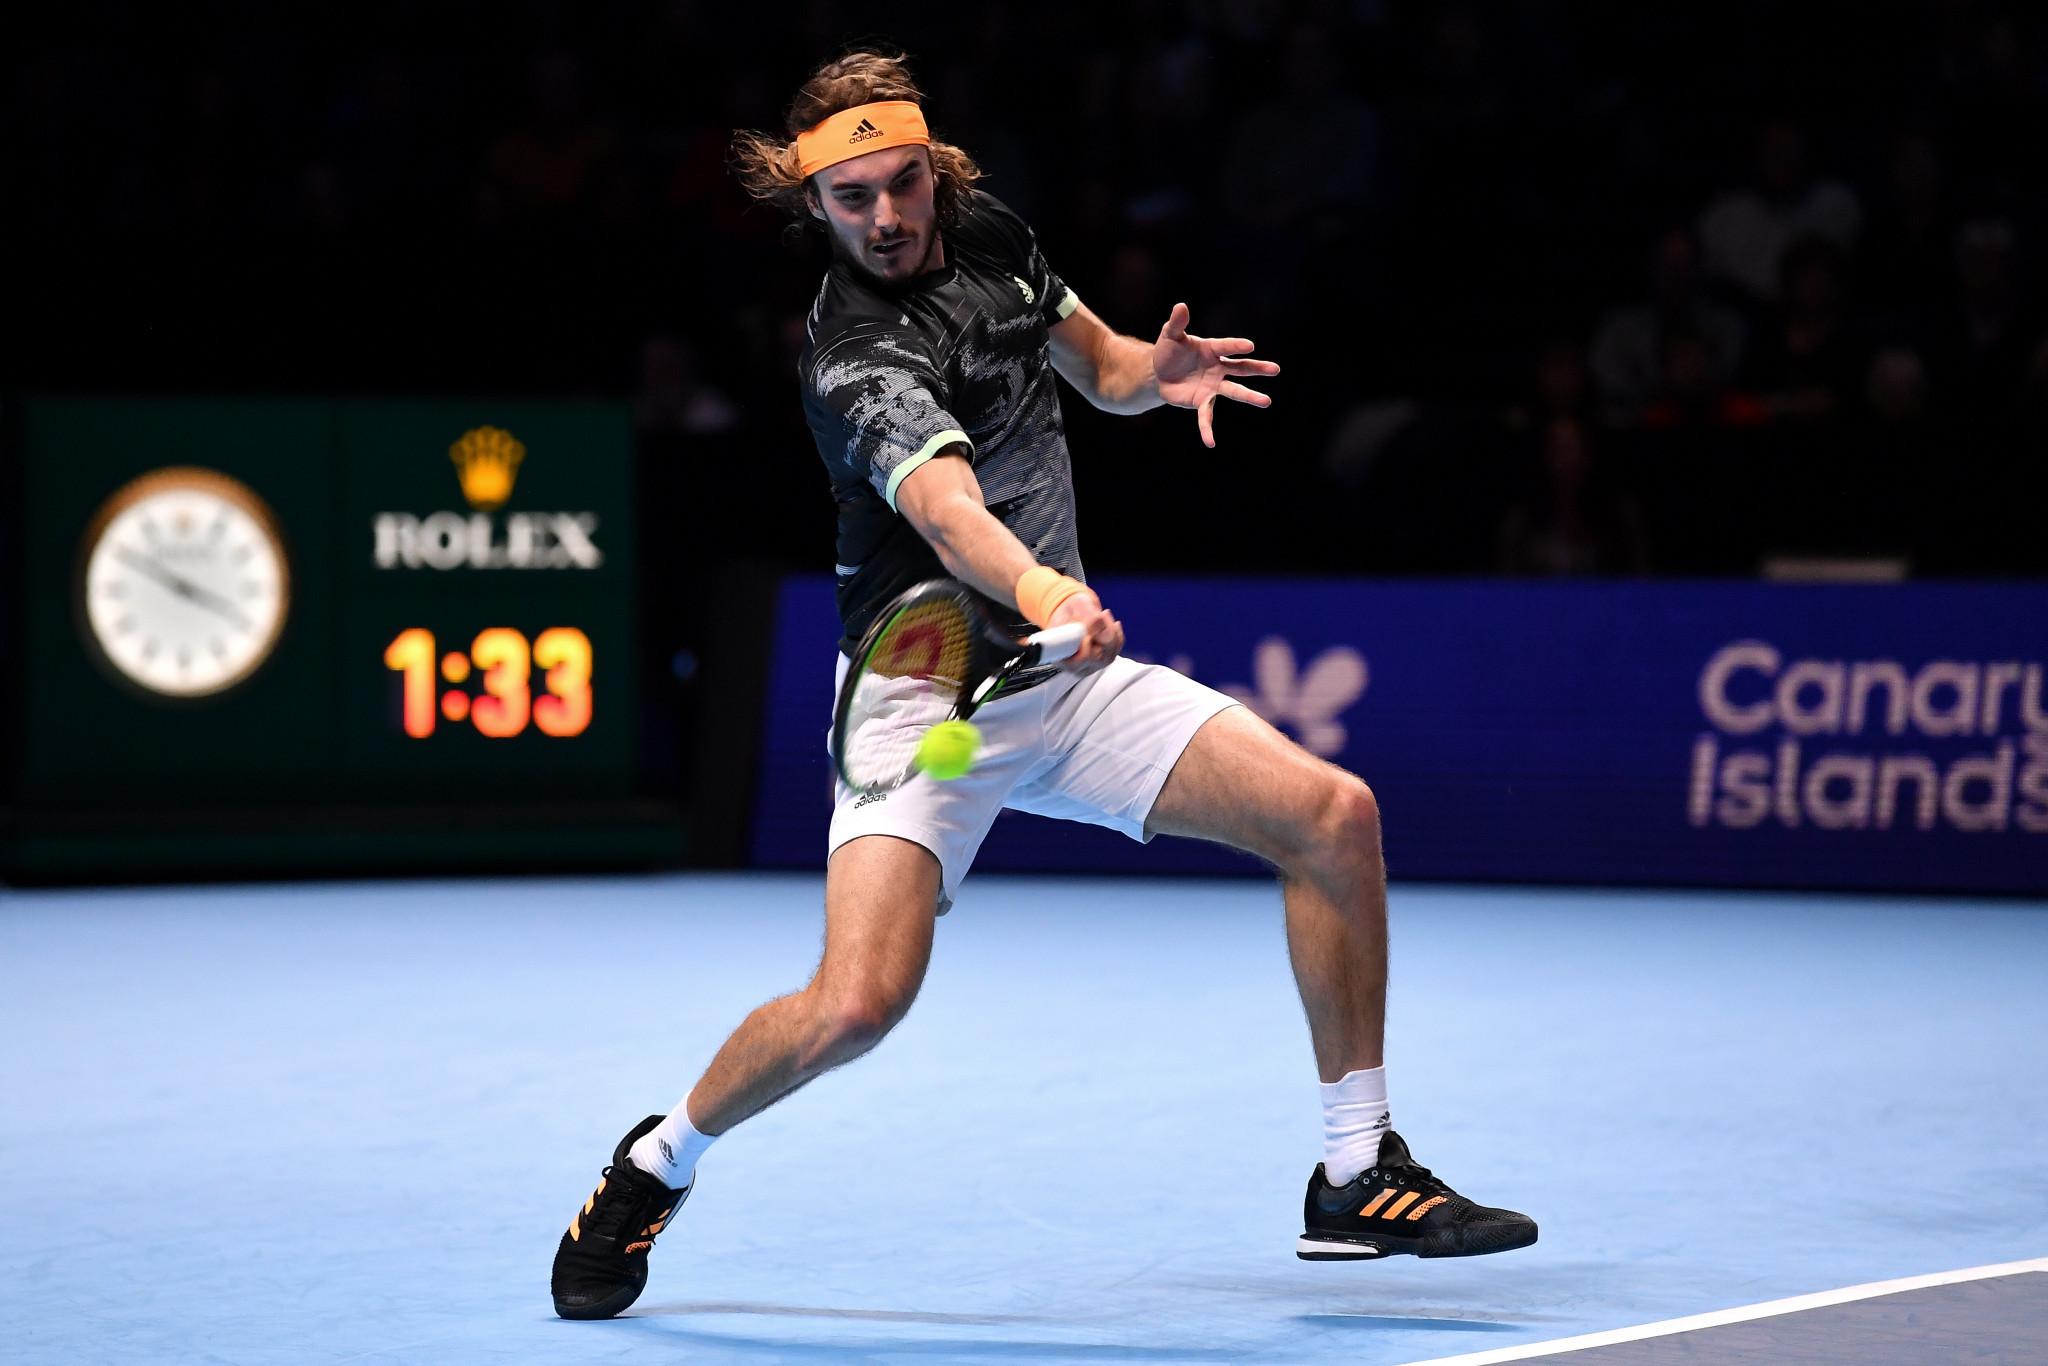 Le Grec Stefanos Tsitsipas a remporté son tout premier match en finale ATP © Getty Images  Zverev entame la défense du titre avec une victoire sur Nadal aux finales de l'ATP Tour gLdZJMkjWHlnwgQm